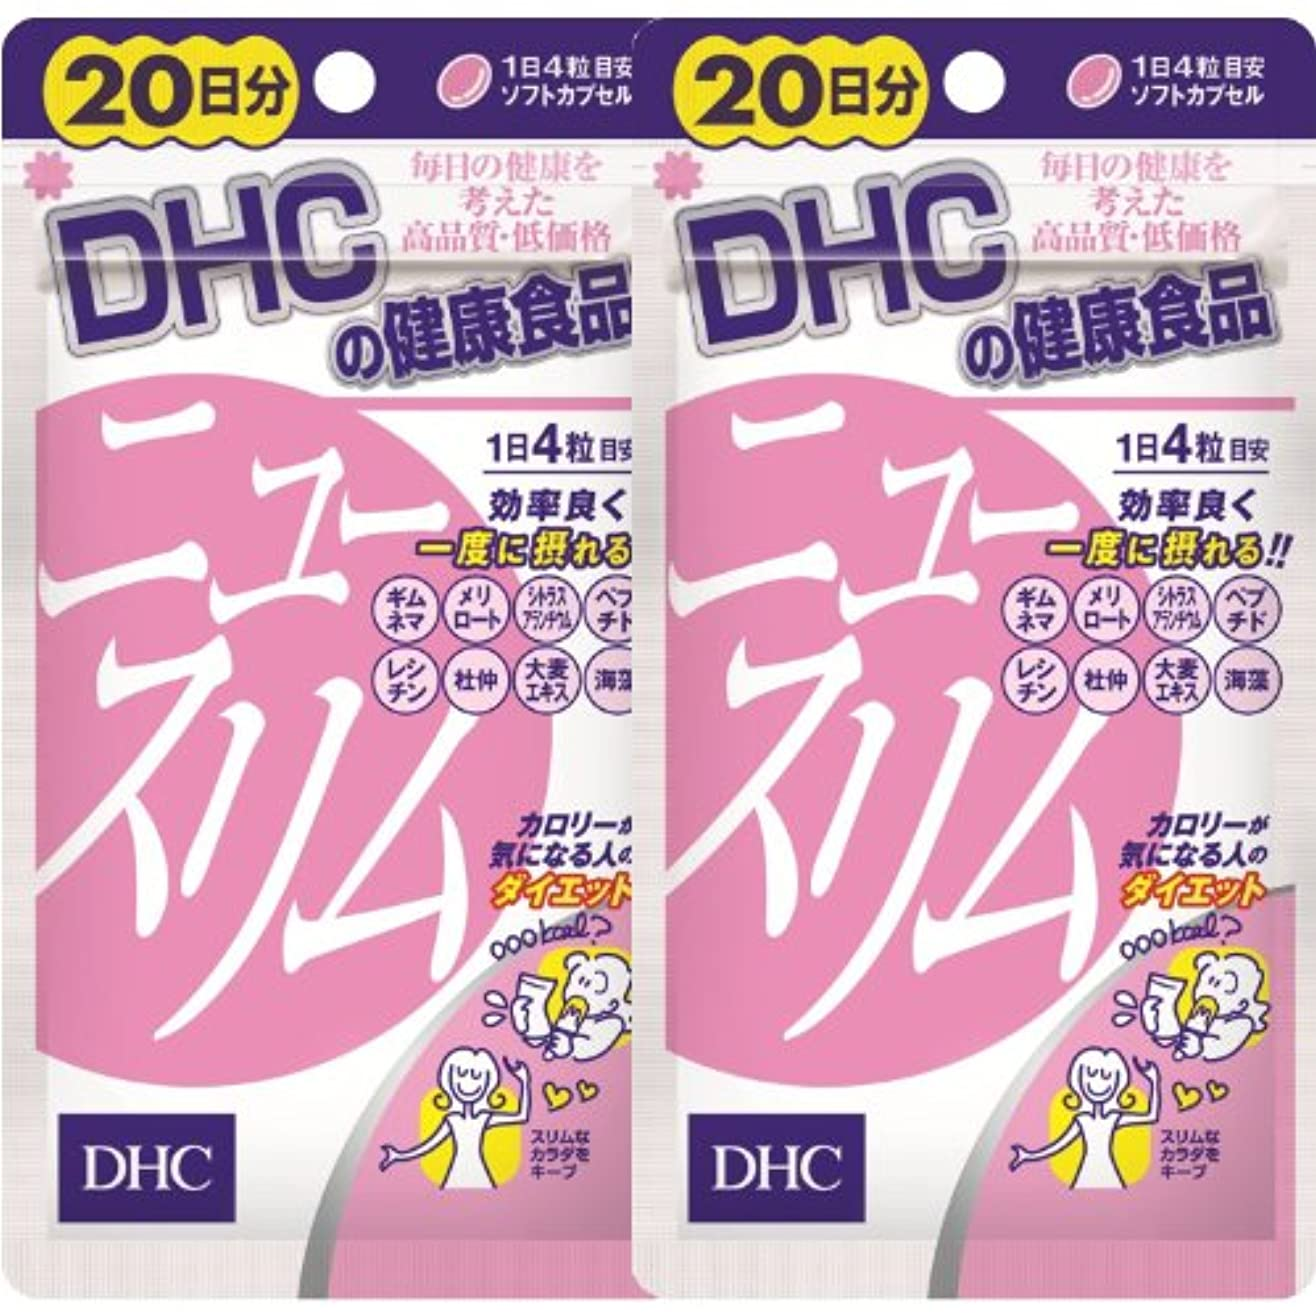 極地ファシズム異常DHCニュースリム 20日分(新) 80粒【2個セット】